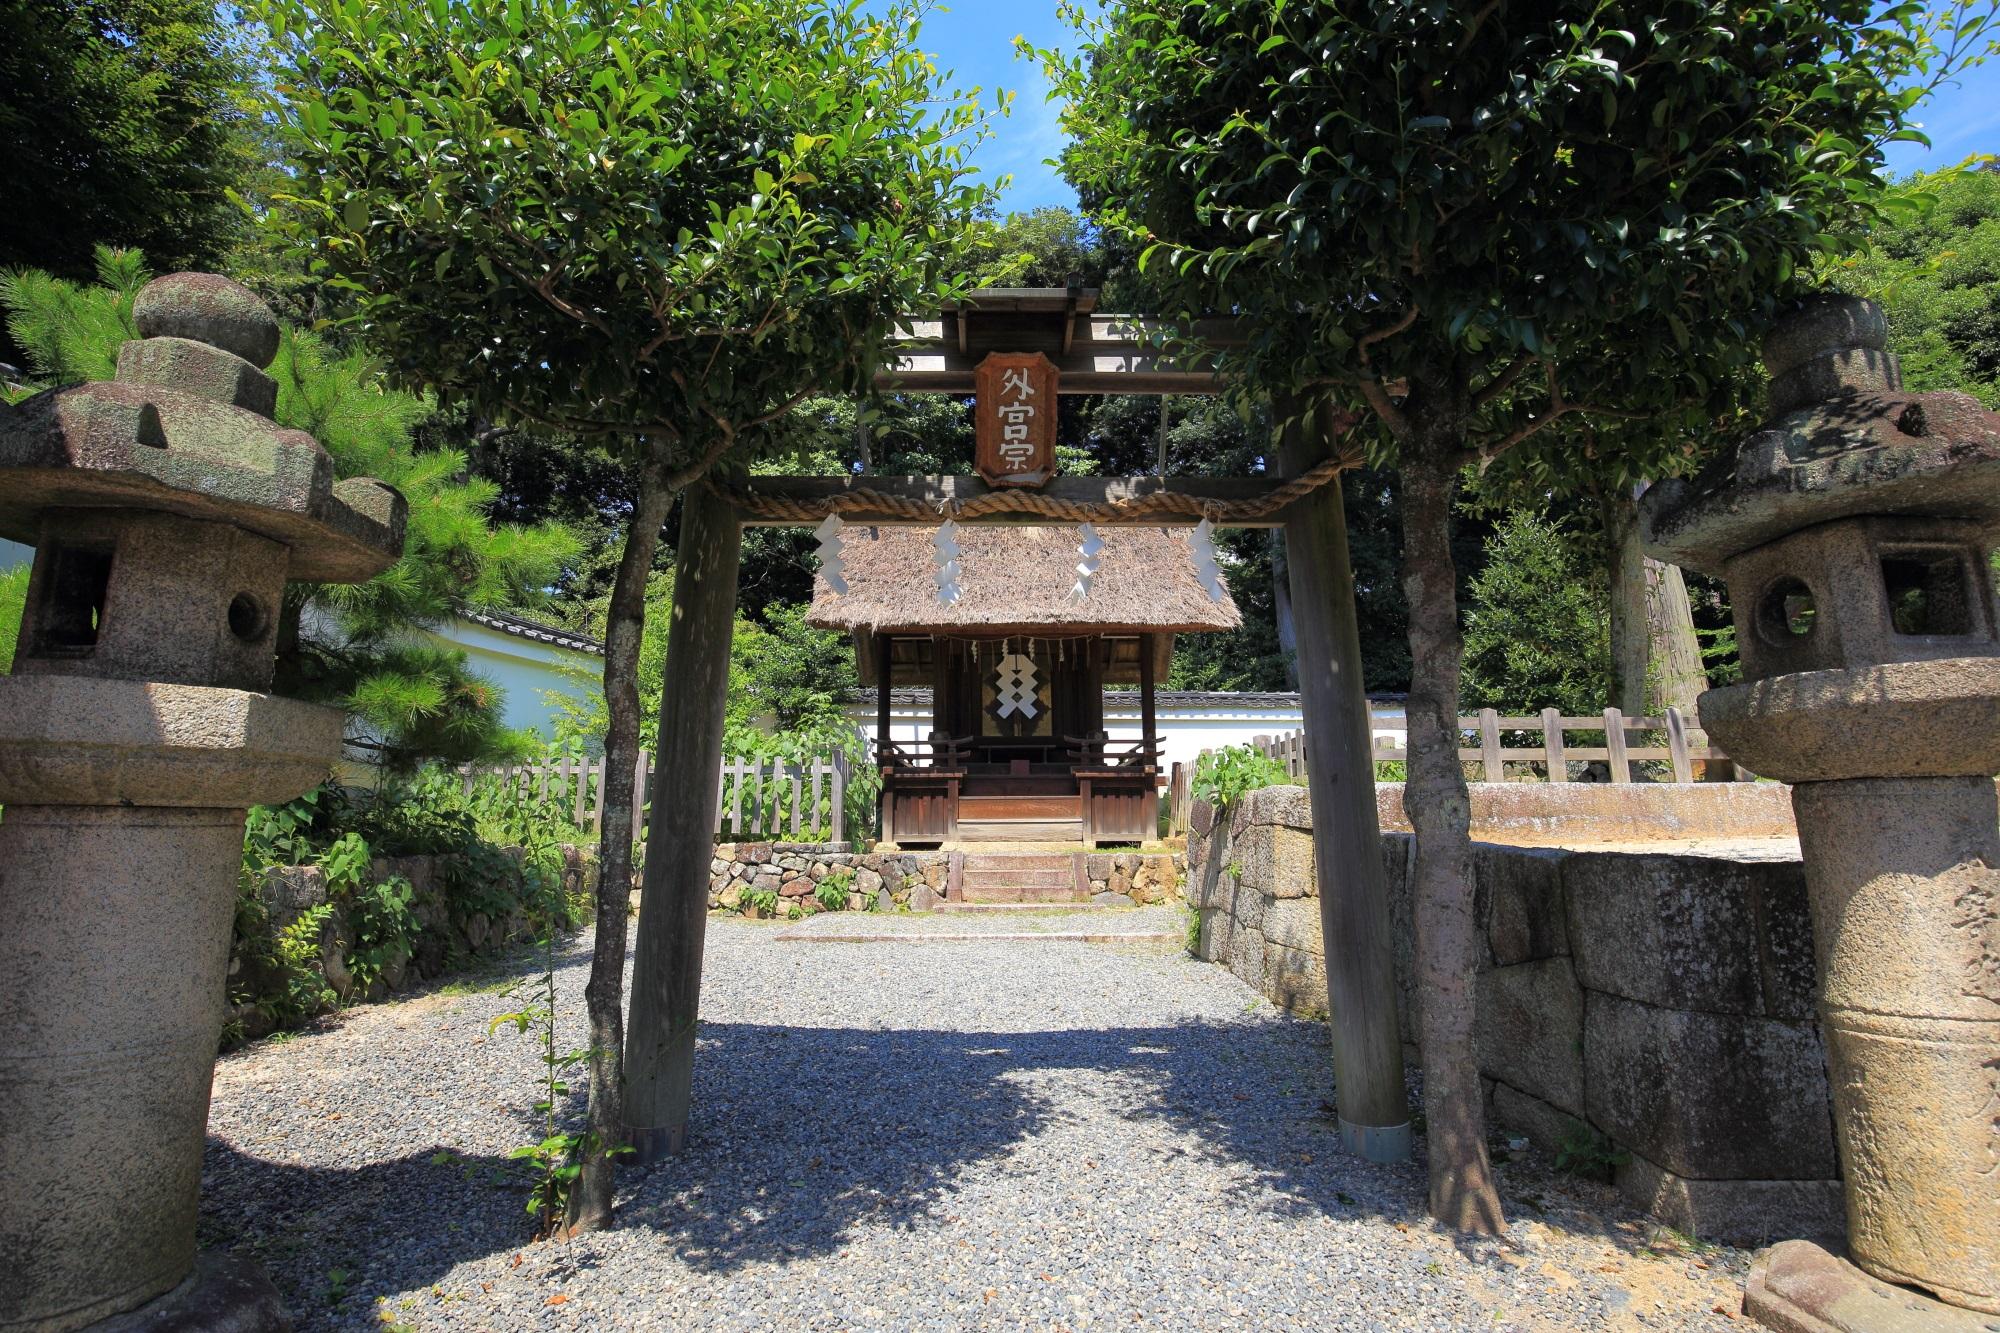 伊勢二宮 斎場所大元宮 吉田神社